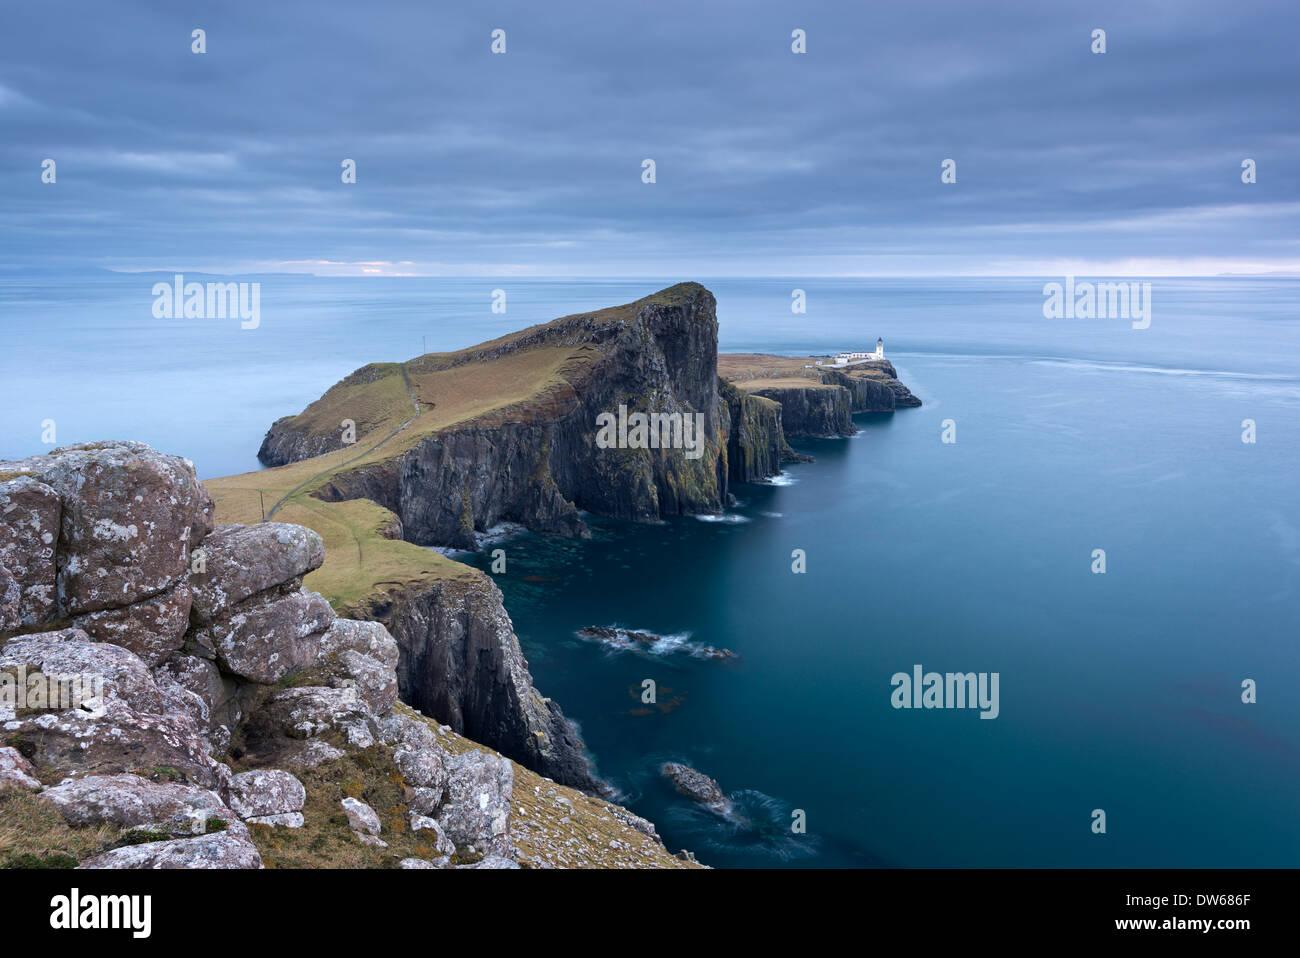 Neist Point, la plus occidentale de l'île de Skye, Écosse, Hébrides intérieures. Hiver (décembre) 2013. Photo Stock